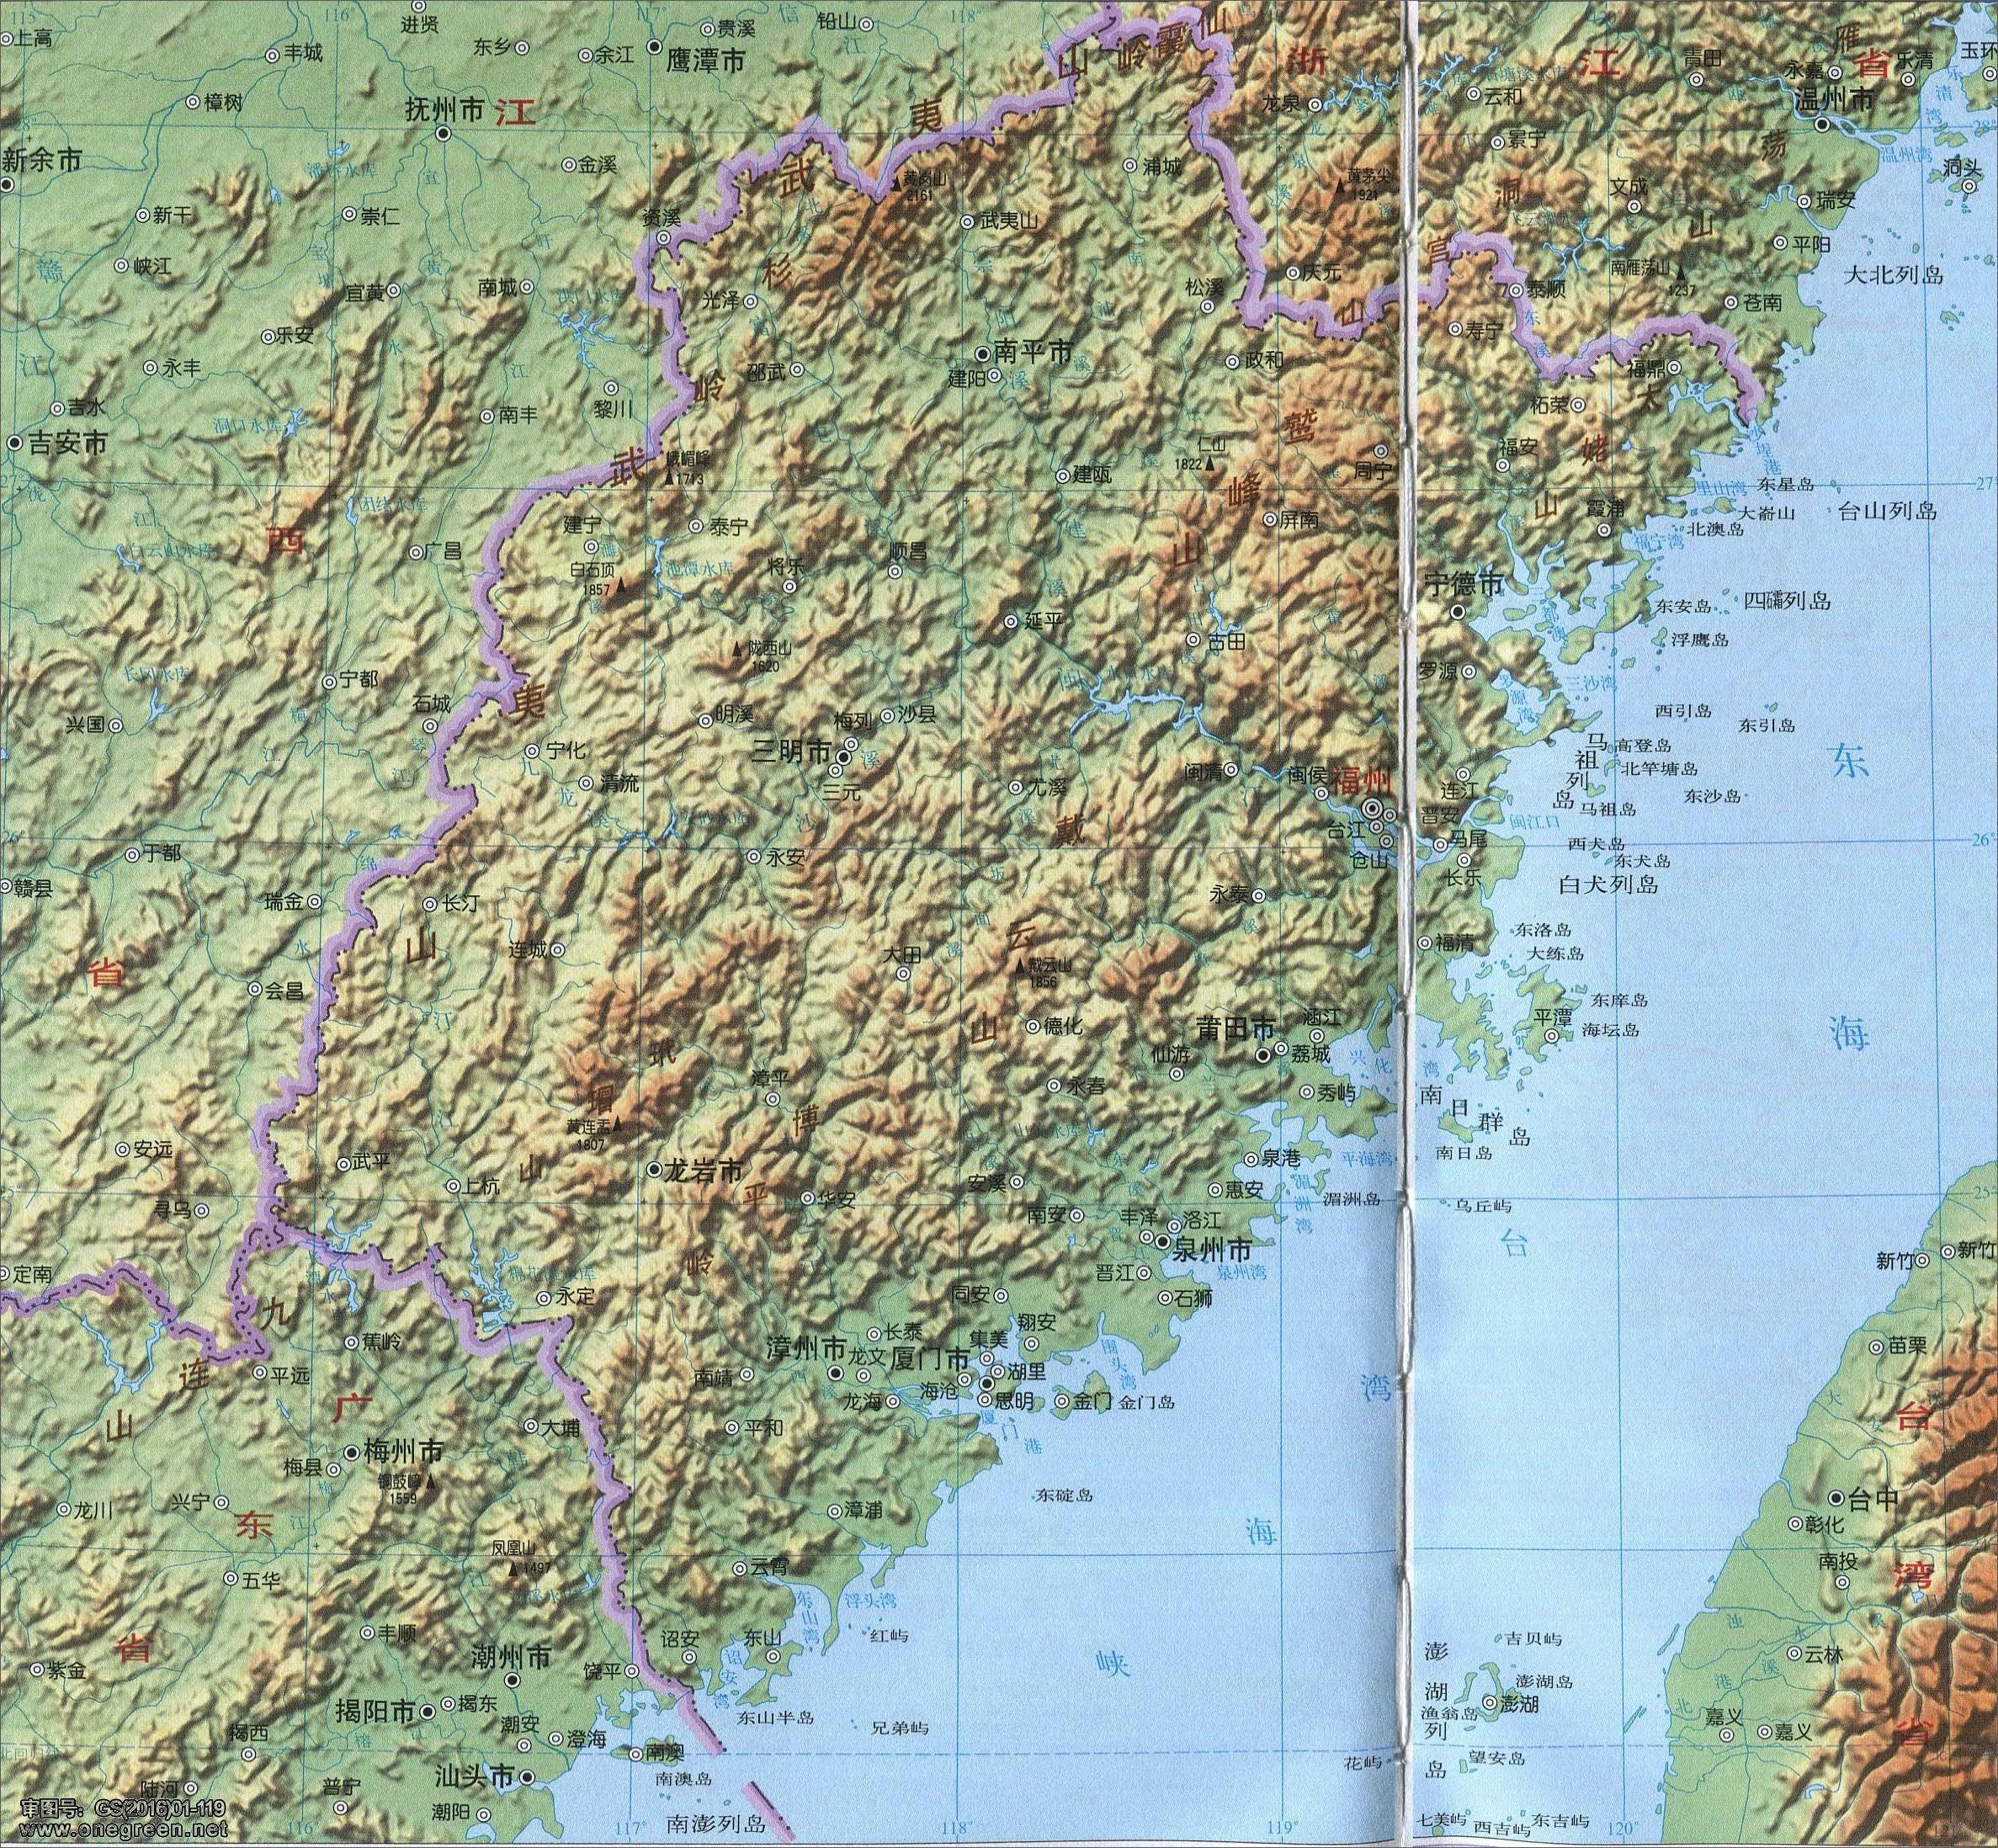 福建省 地图 全图_ 福建地图查询;